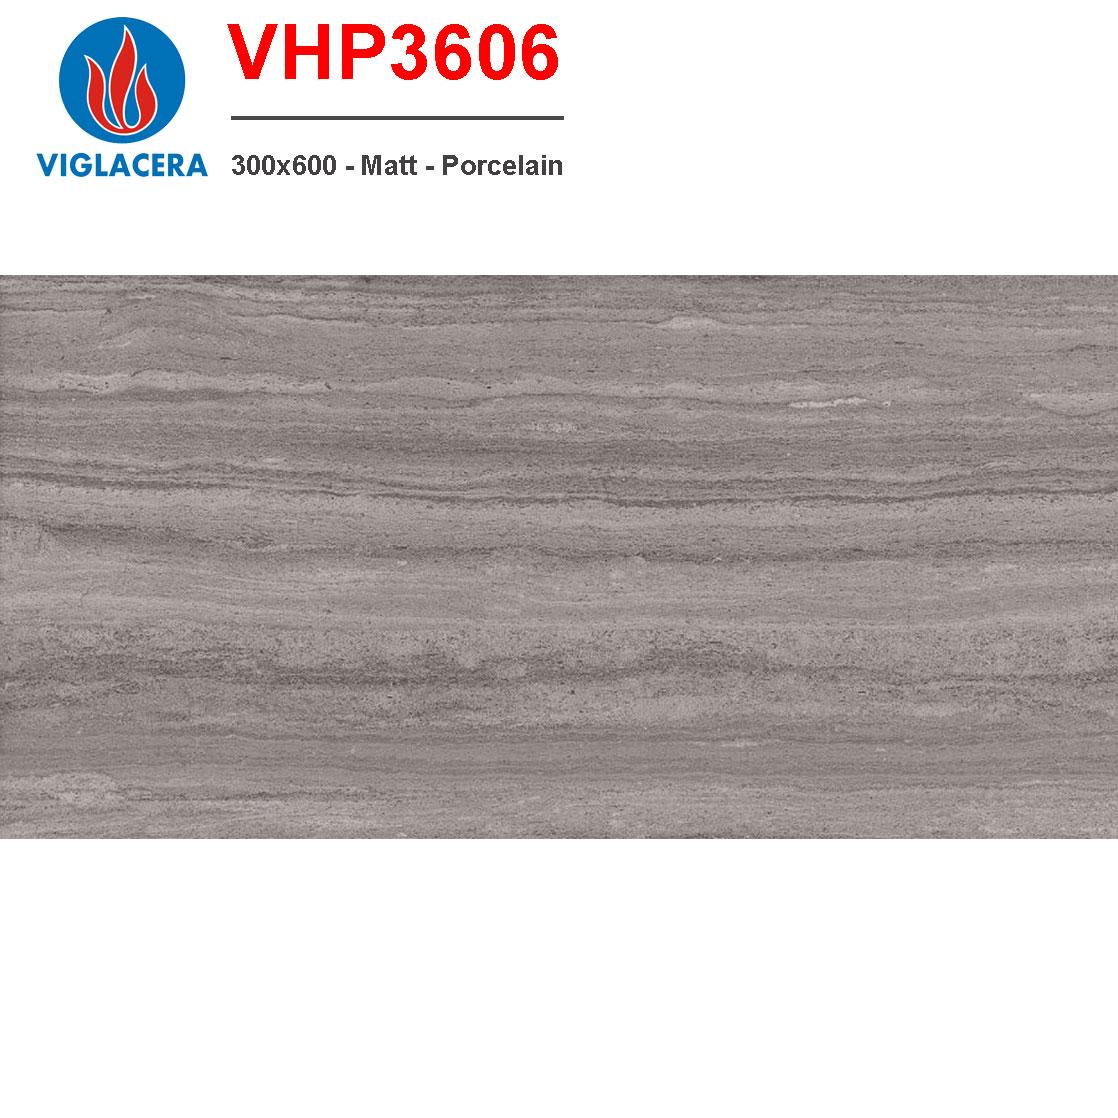 Gạch ốp tường Viglacera VHP3606 giá rẻ